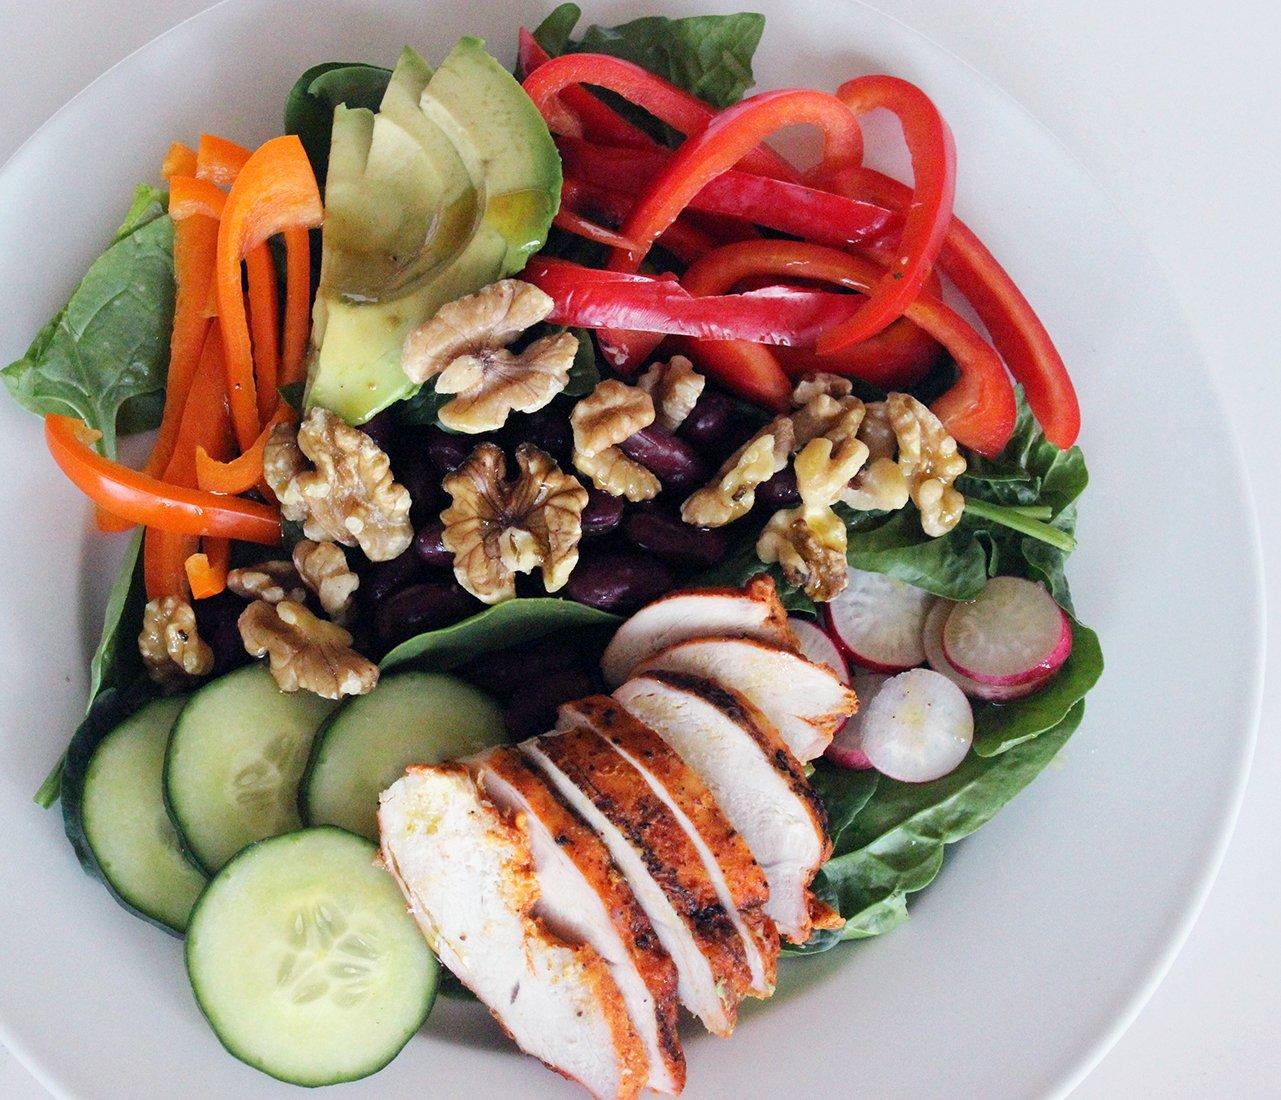 Építsd fel a legegészségesebb és laktatóbb salátát 5 lépésben!